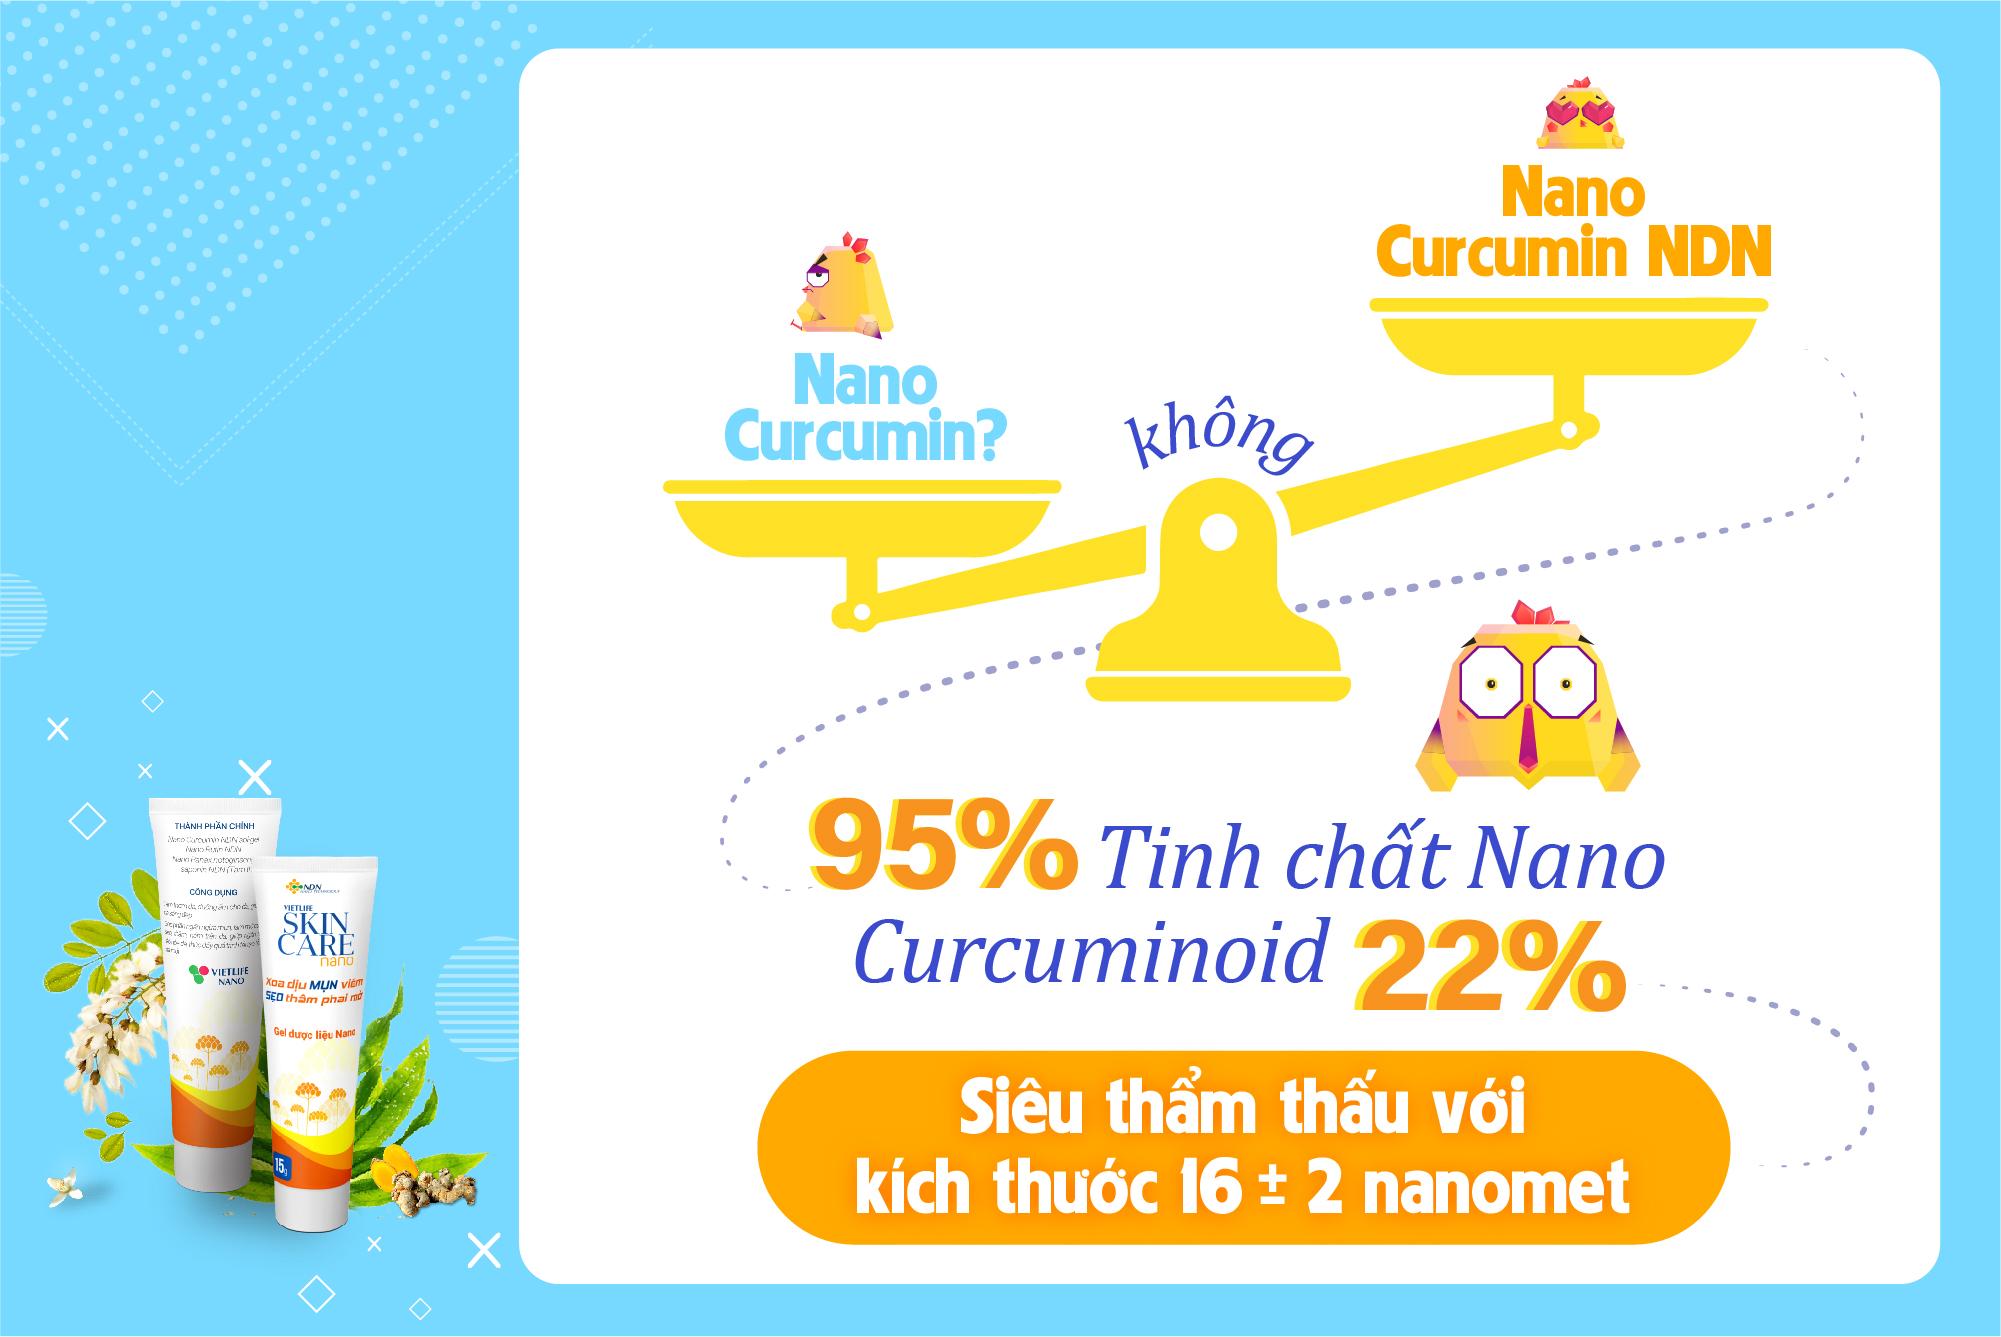 Tại sao lại phải là công nghệ Nano, và Nano Curcumin NDN khác nano curcumin thông thường thế nào? 1